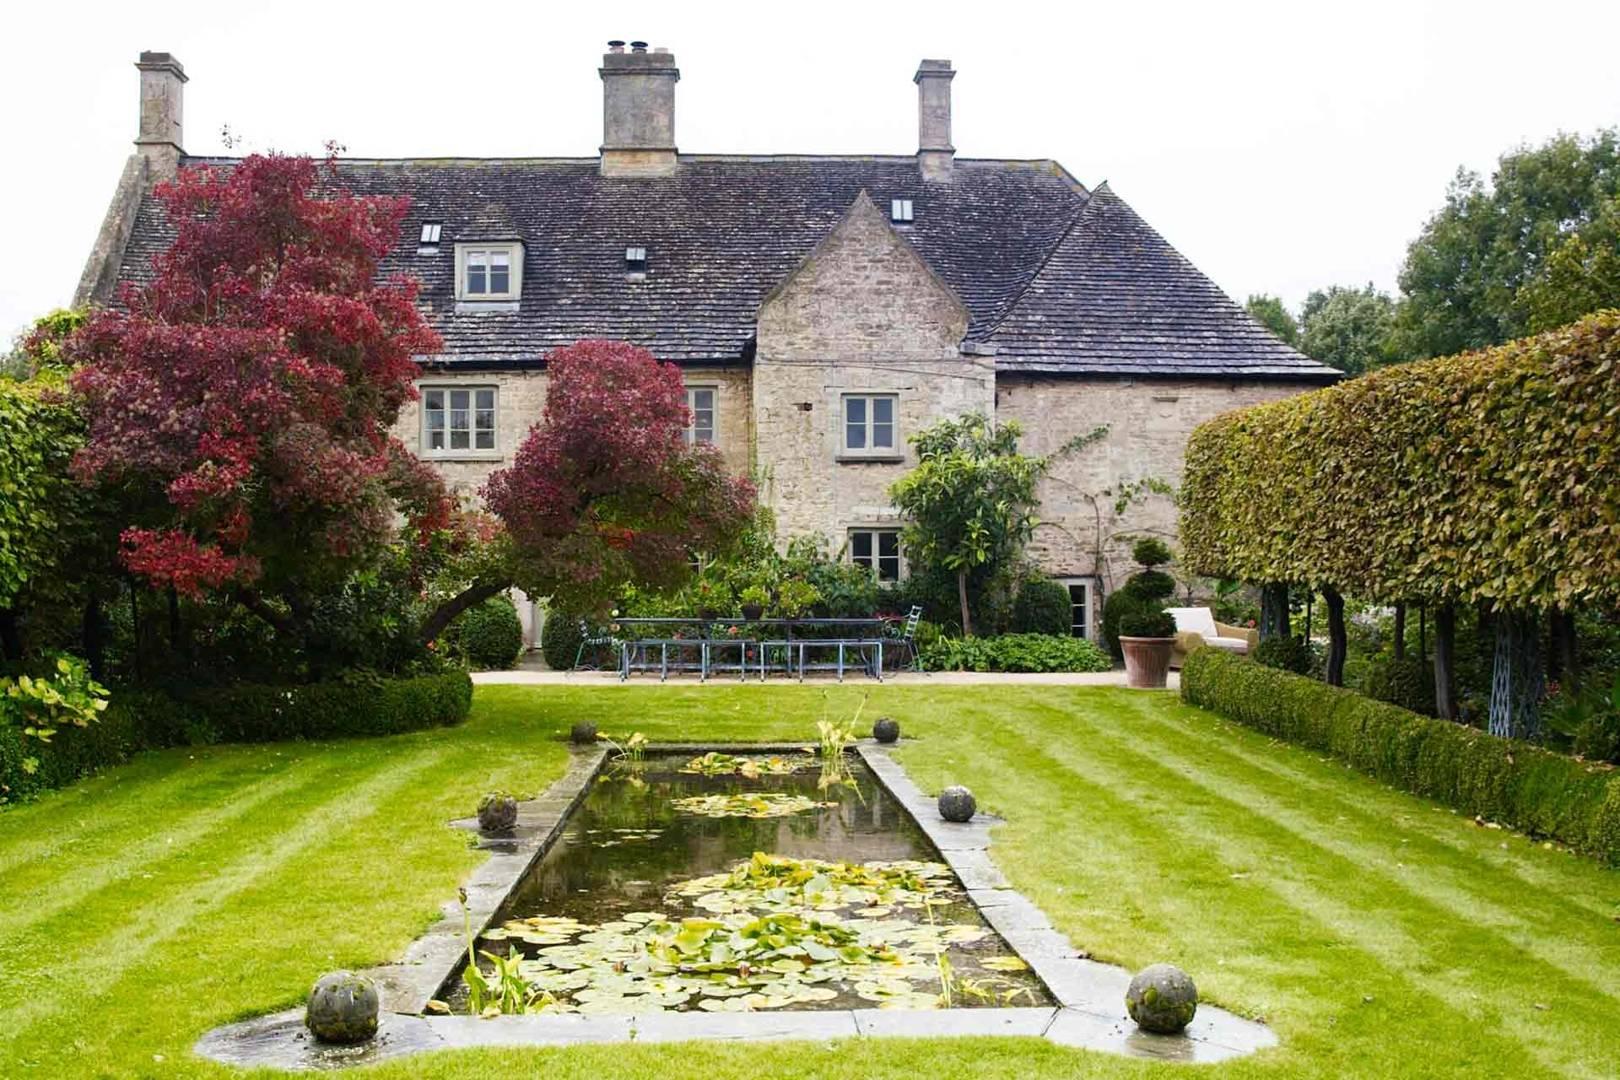 Garden Design Apps To Help You Plan Your Garden House Garden